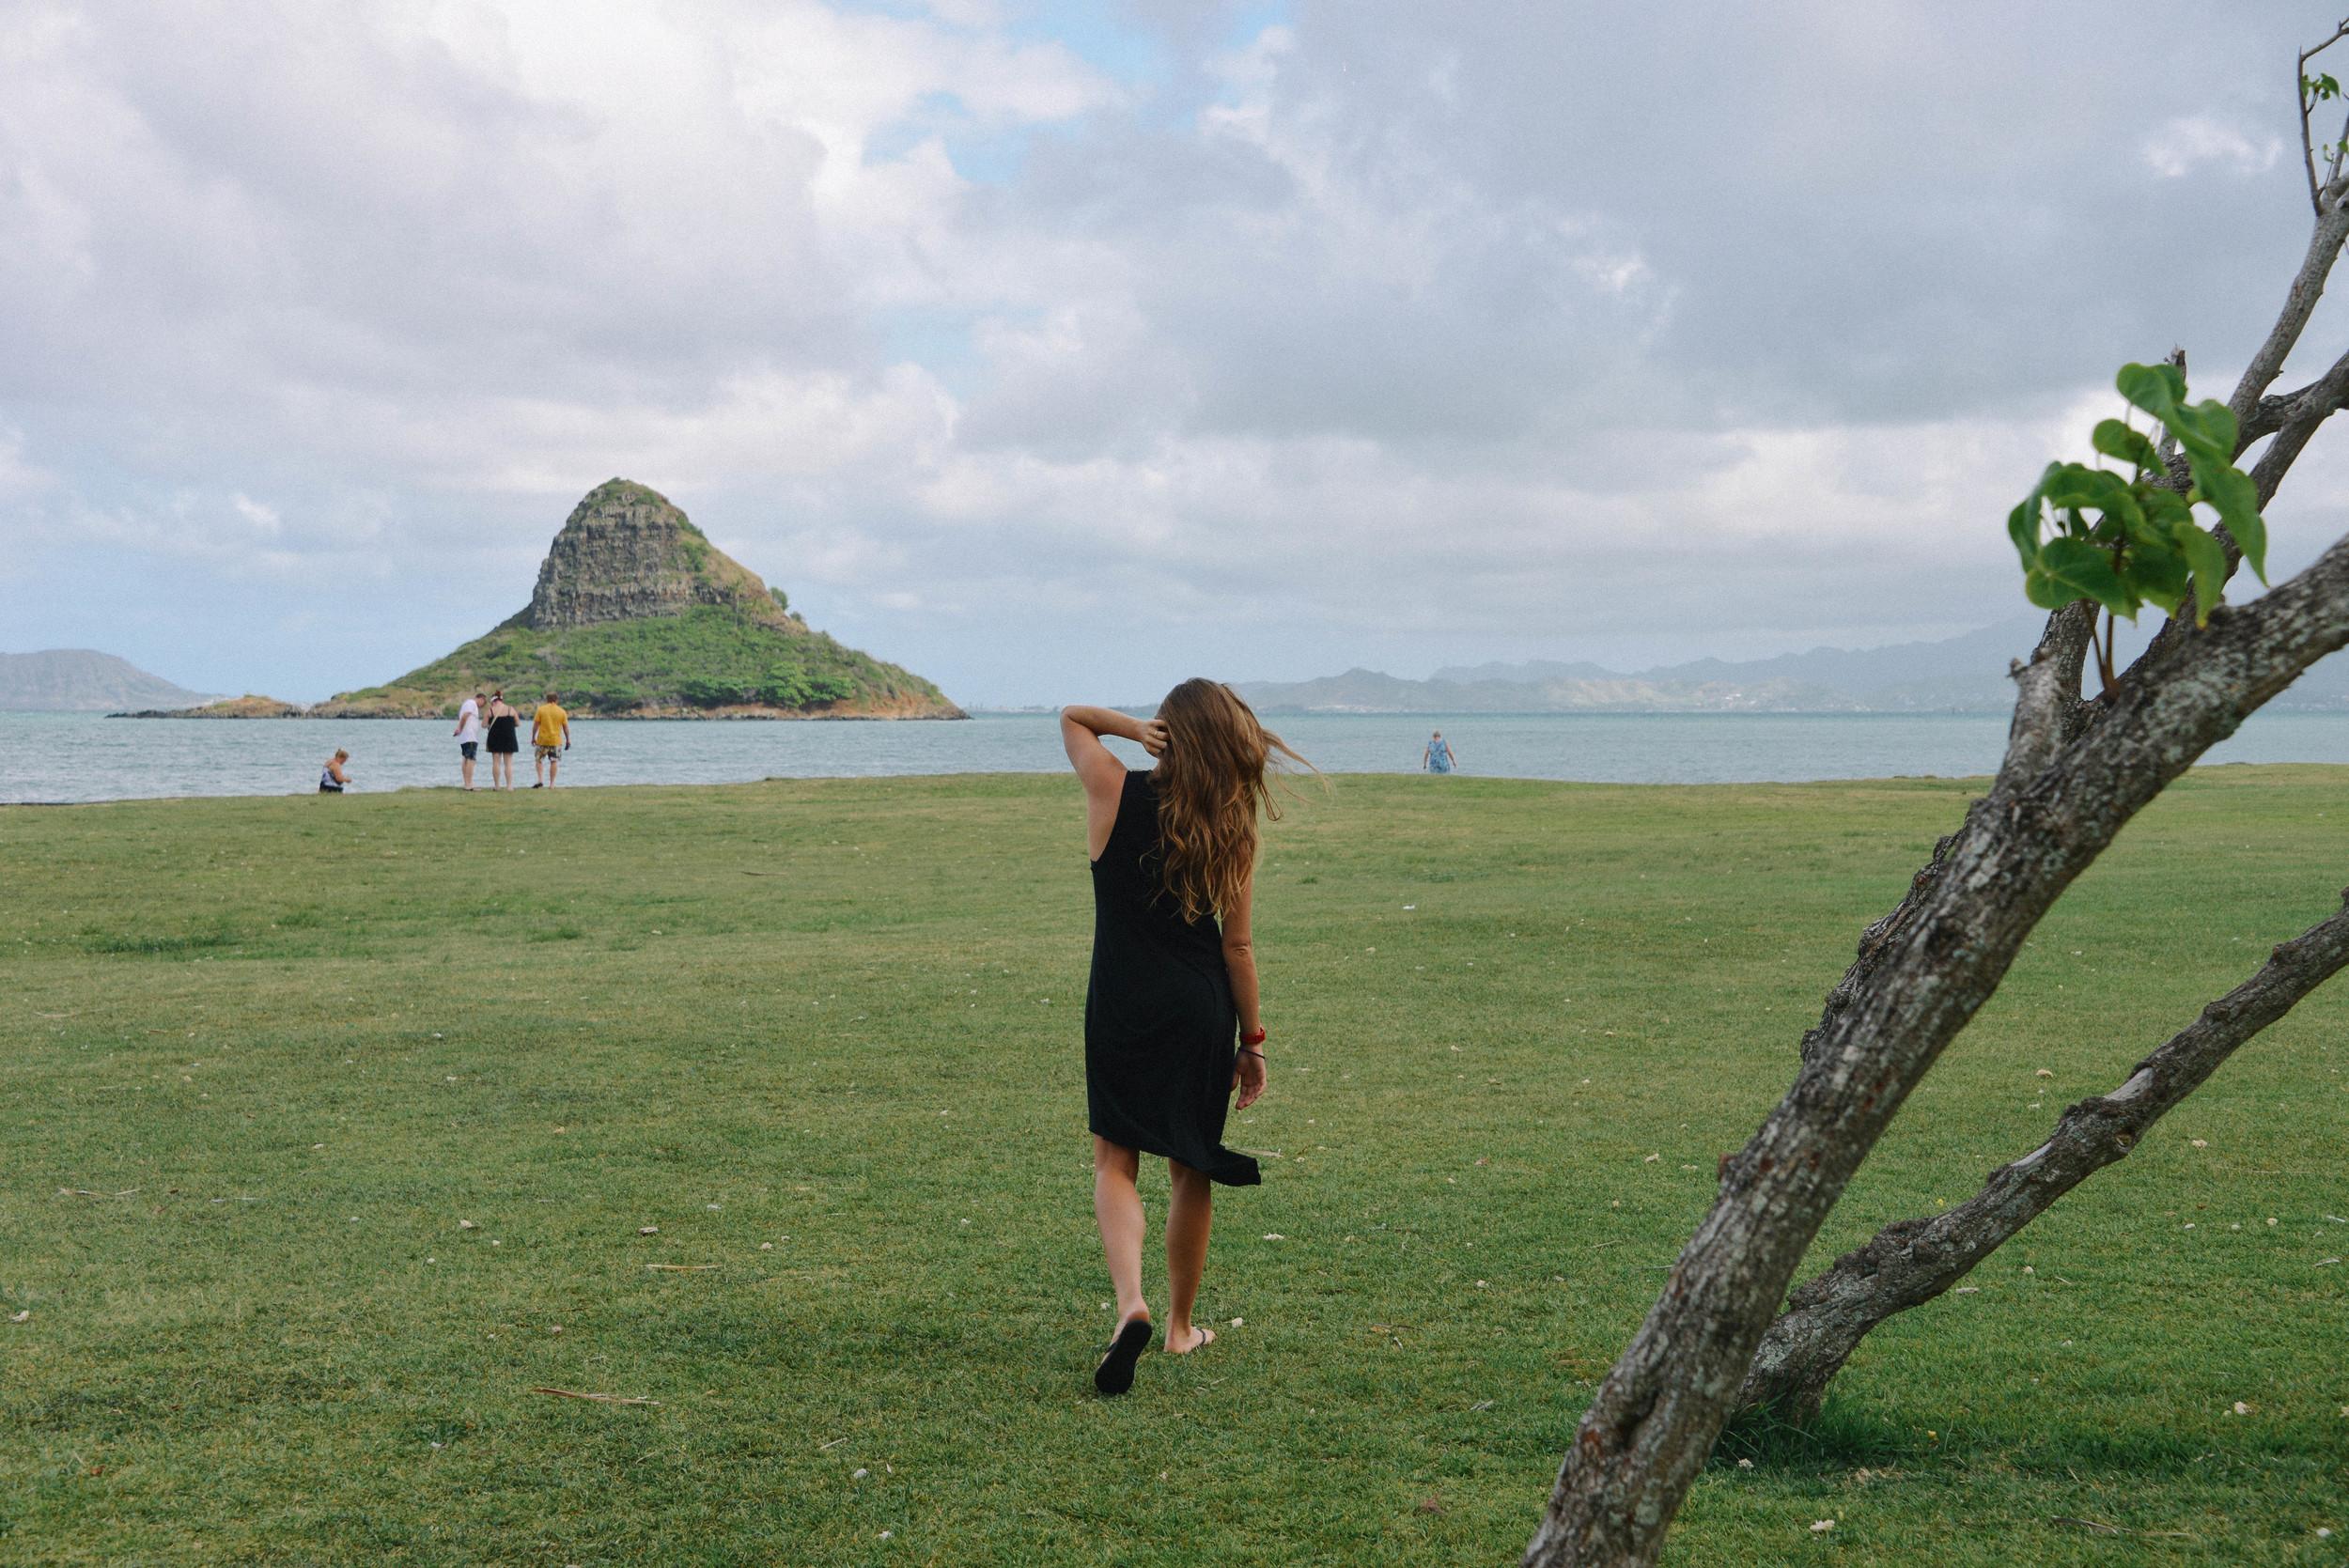 Jess looking out overMokoli'i Island, Oahu.